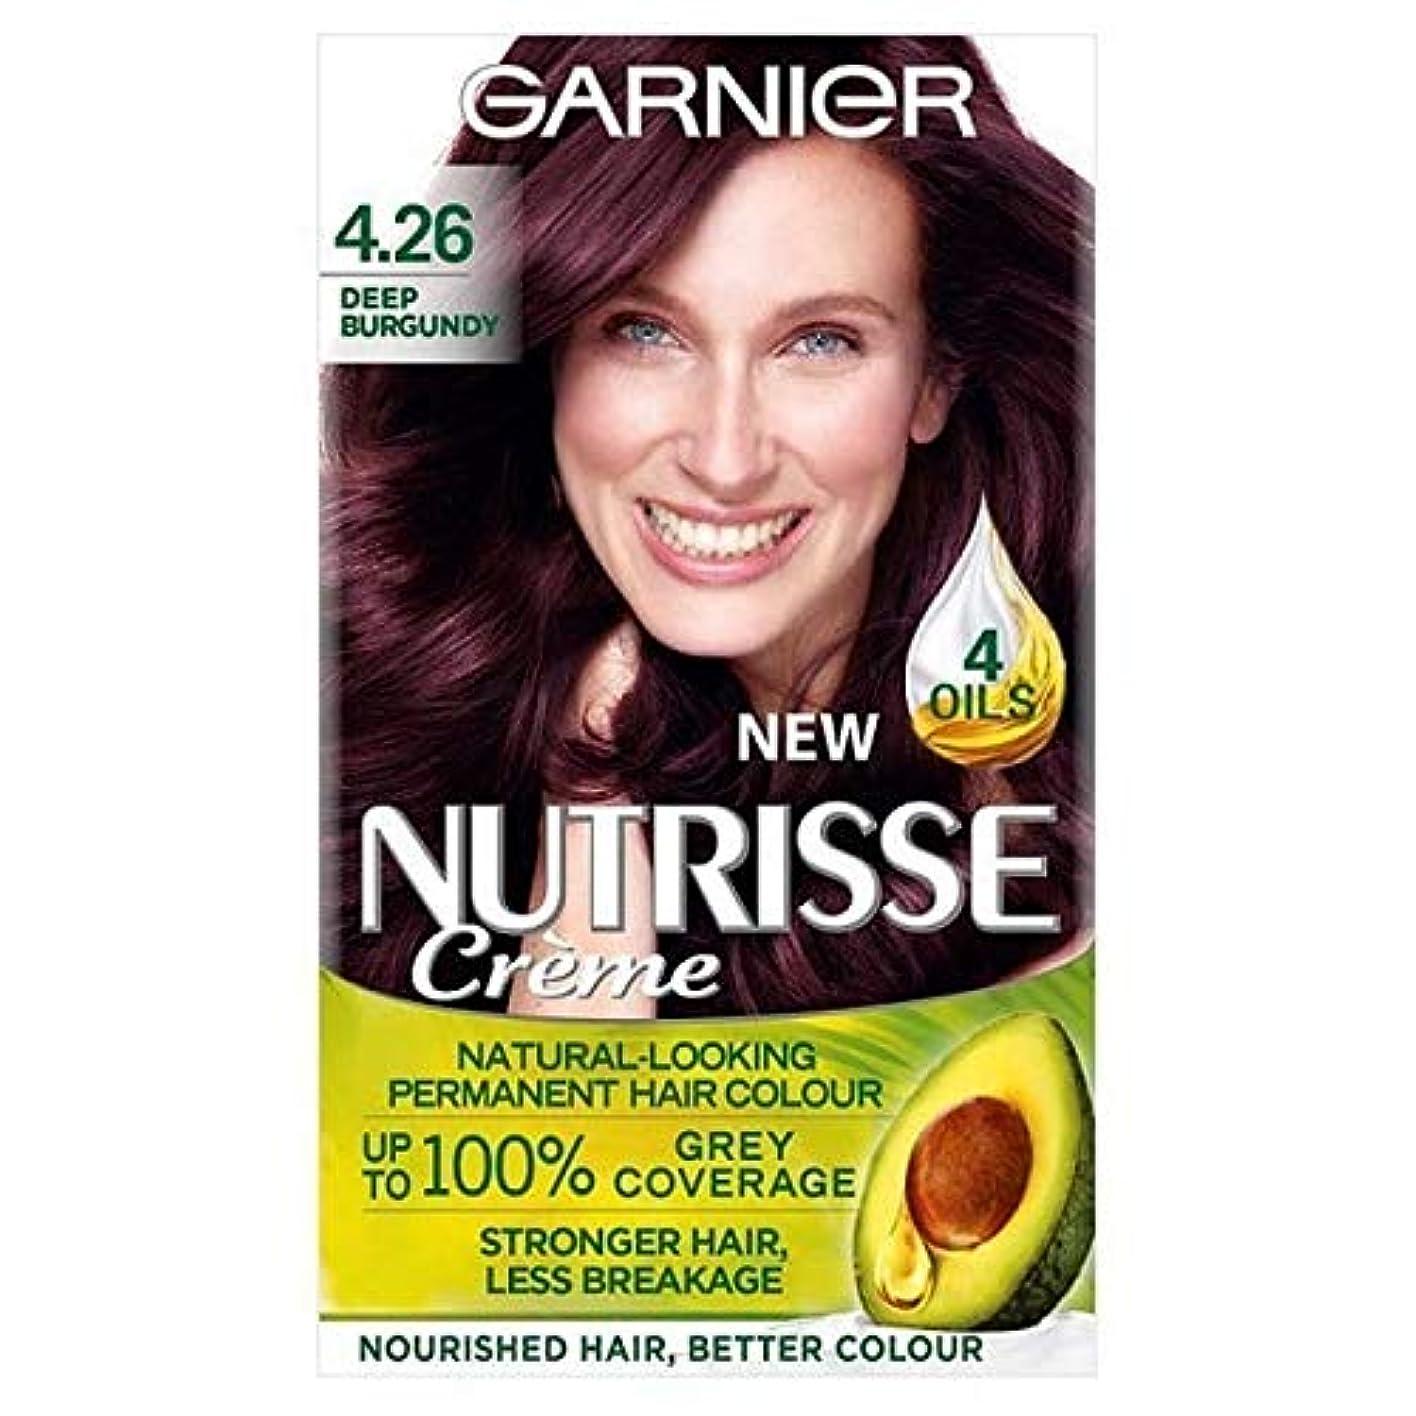 はっきりとはちみつ倍増[Garnier ] 赤ガルニエNutrisseパーマネントヘアダイ深いバーガンディ4.26 - Garnier Nutrisse Permanent Hair Dye Deep Burgundy Red 4.26 [並行輸入品]